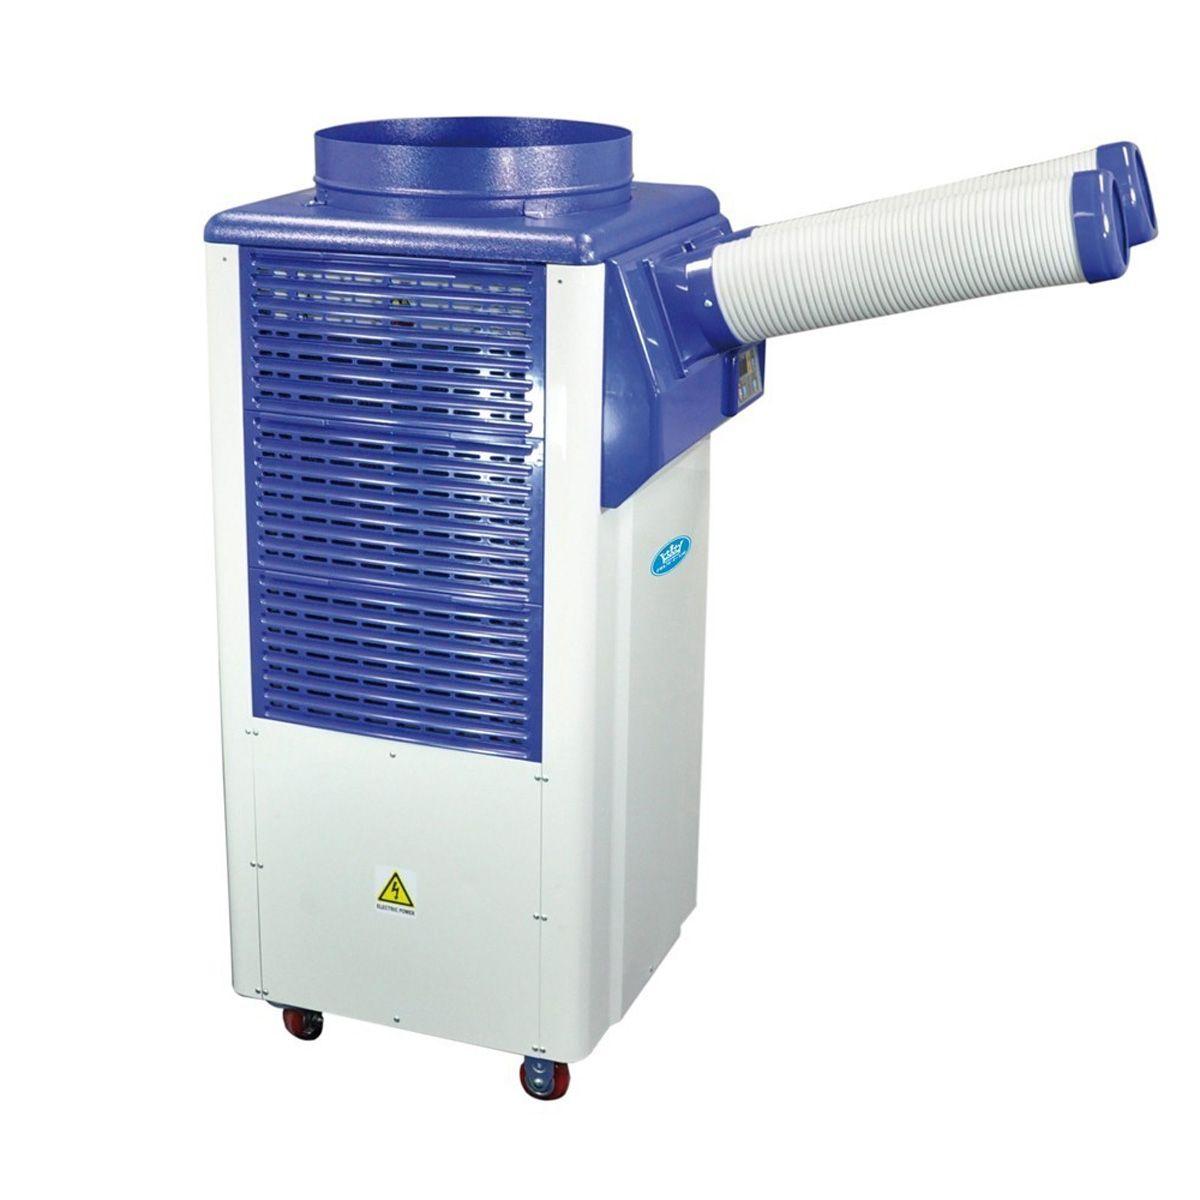 Industrial Air Conditioner : Portable air conditioner titan cool tc kw btu